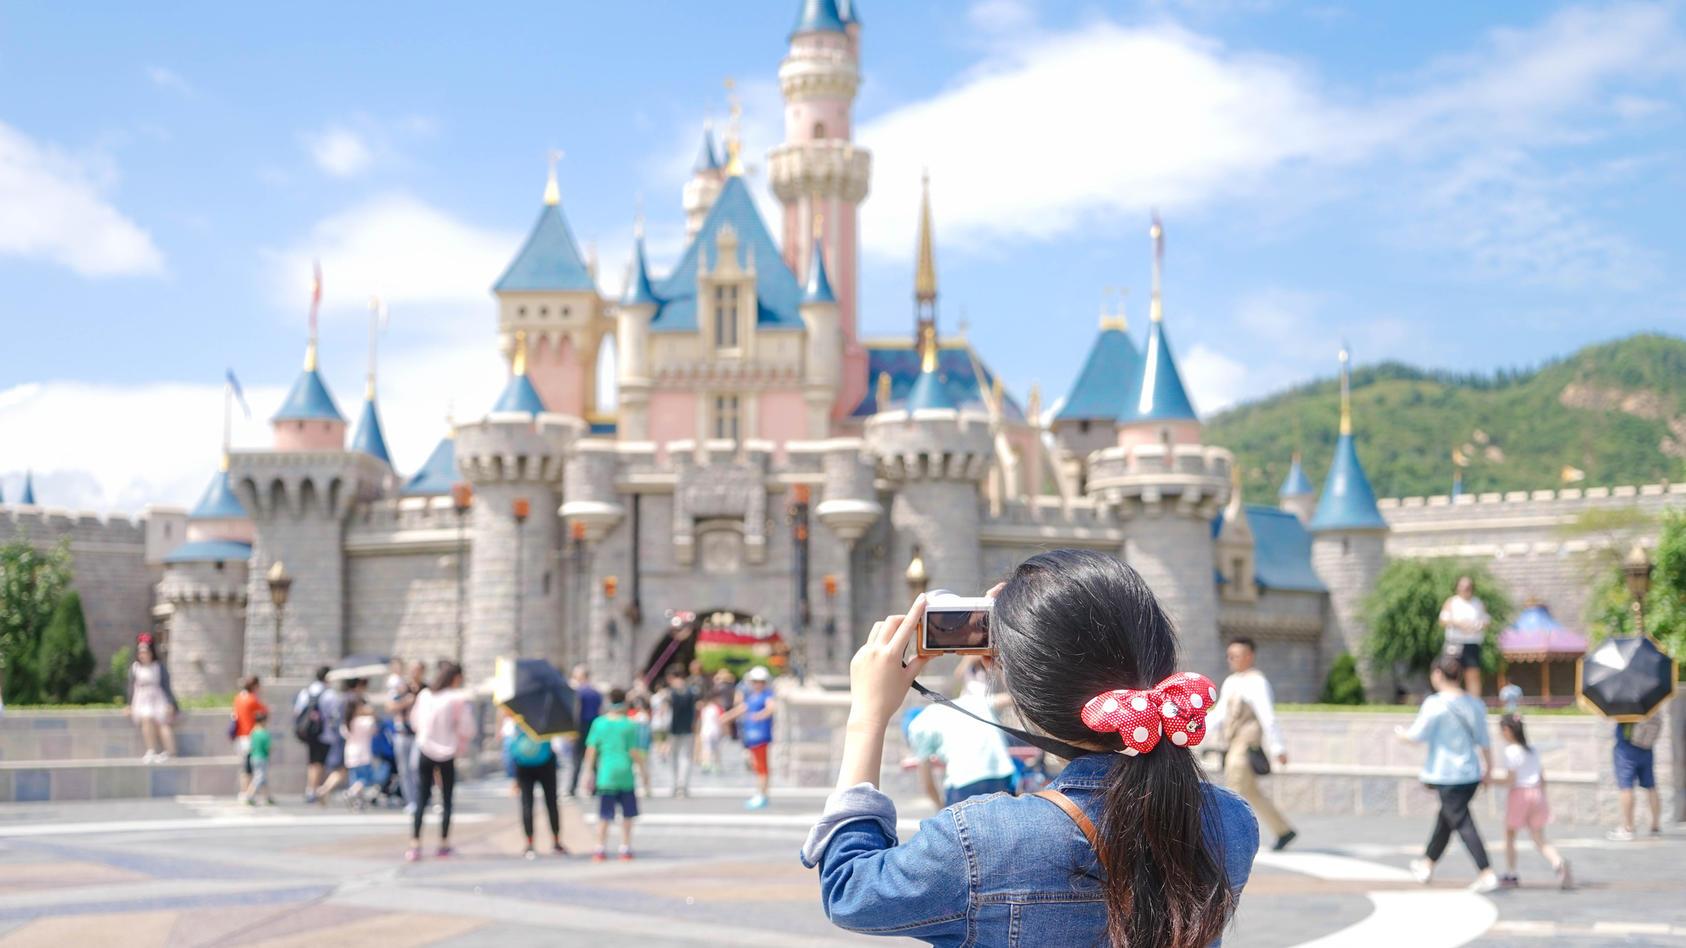 """Wenn Sie als Erwachsener immer noch Disney-Fan sind, gelten Sie wohl als """"cheugy""""."""